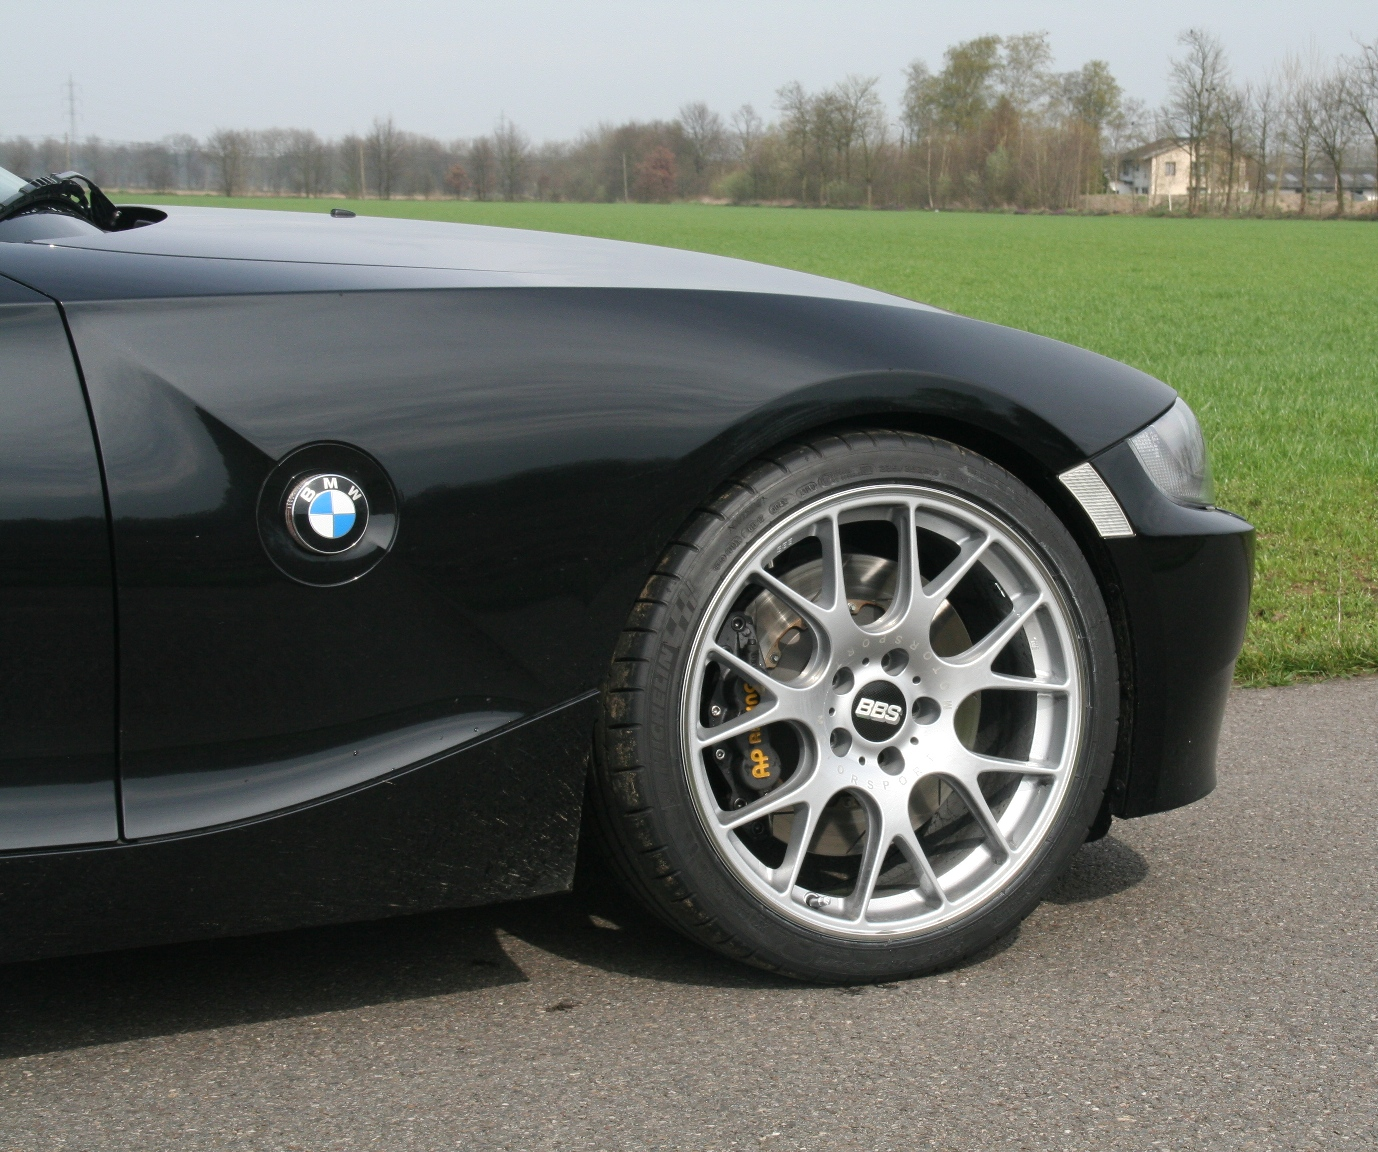 Bmw Z4 Custom Wheels: BMW Z4 Custom Wheels BBS CH-R 19x, ET , Tire Size 235/35